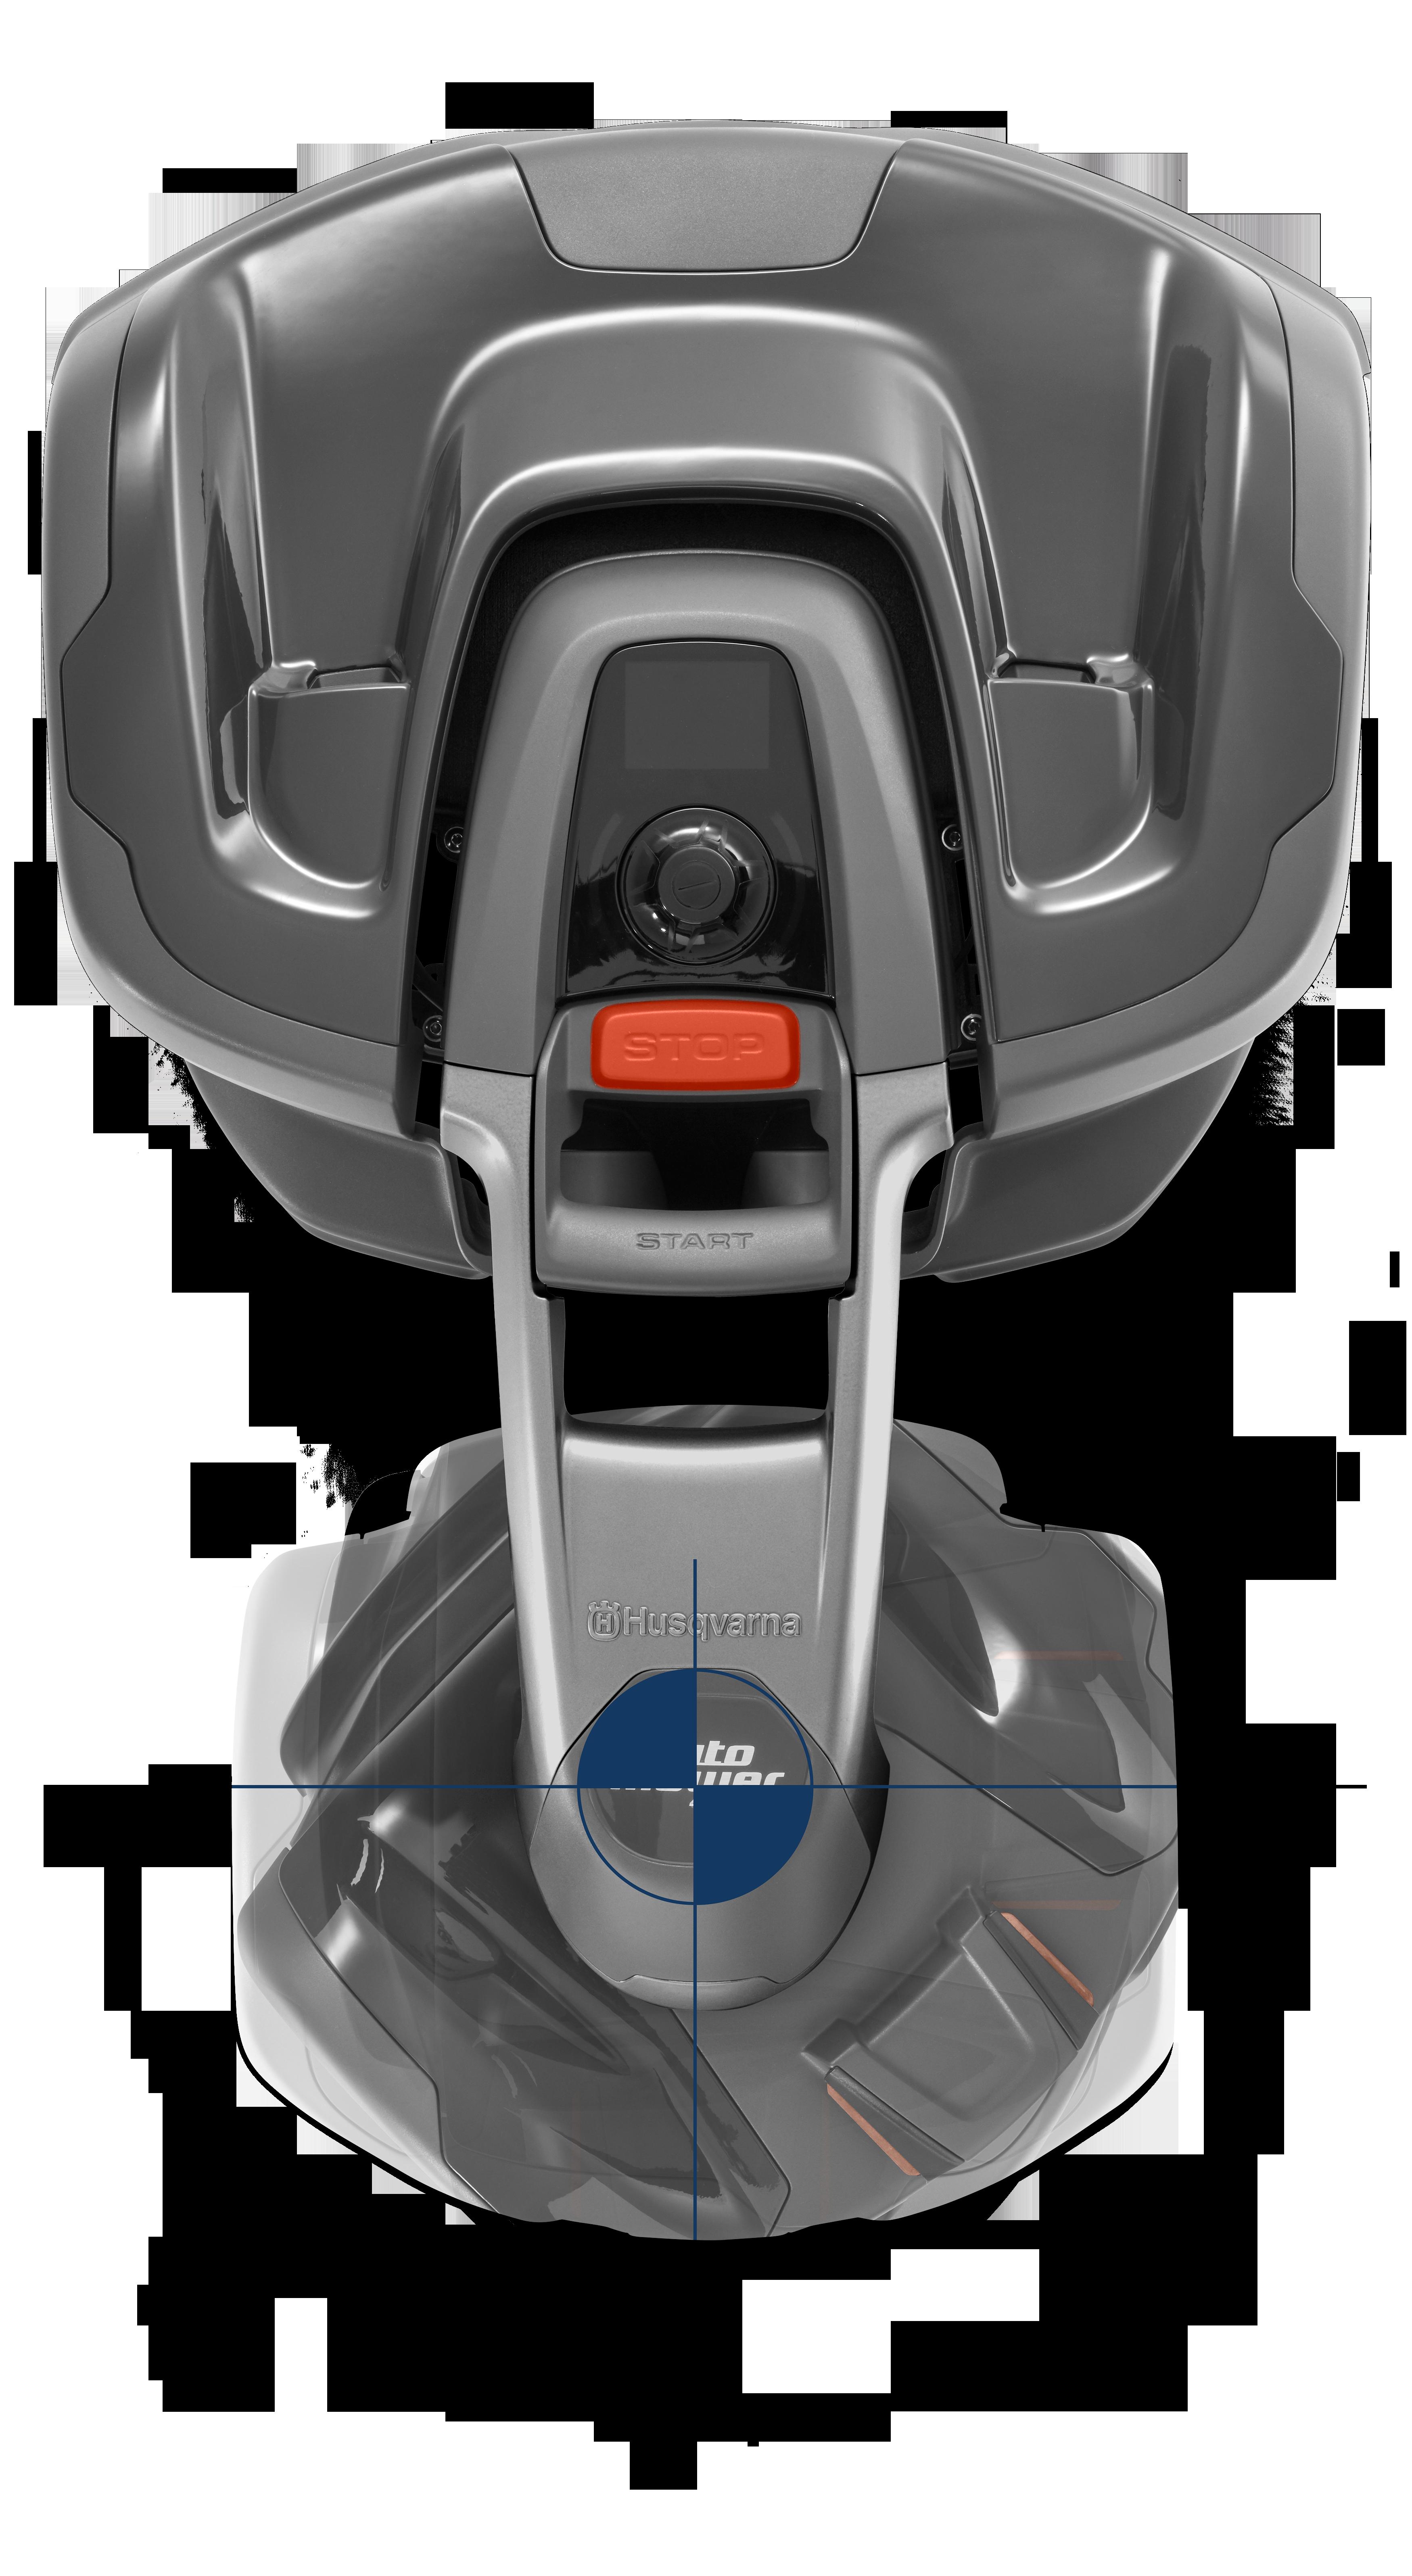 melns husqvarna zāles pļāvējs robots ar parādītu asmeņu griešanās virzienu